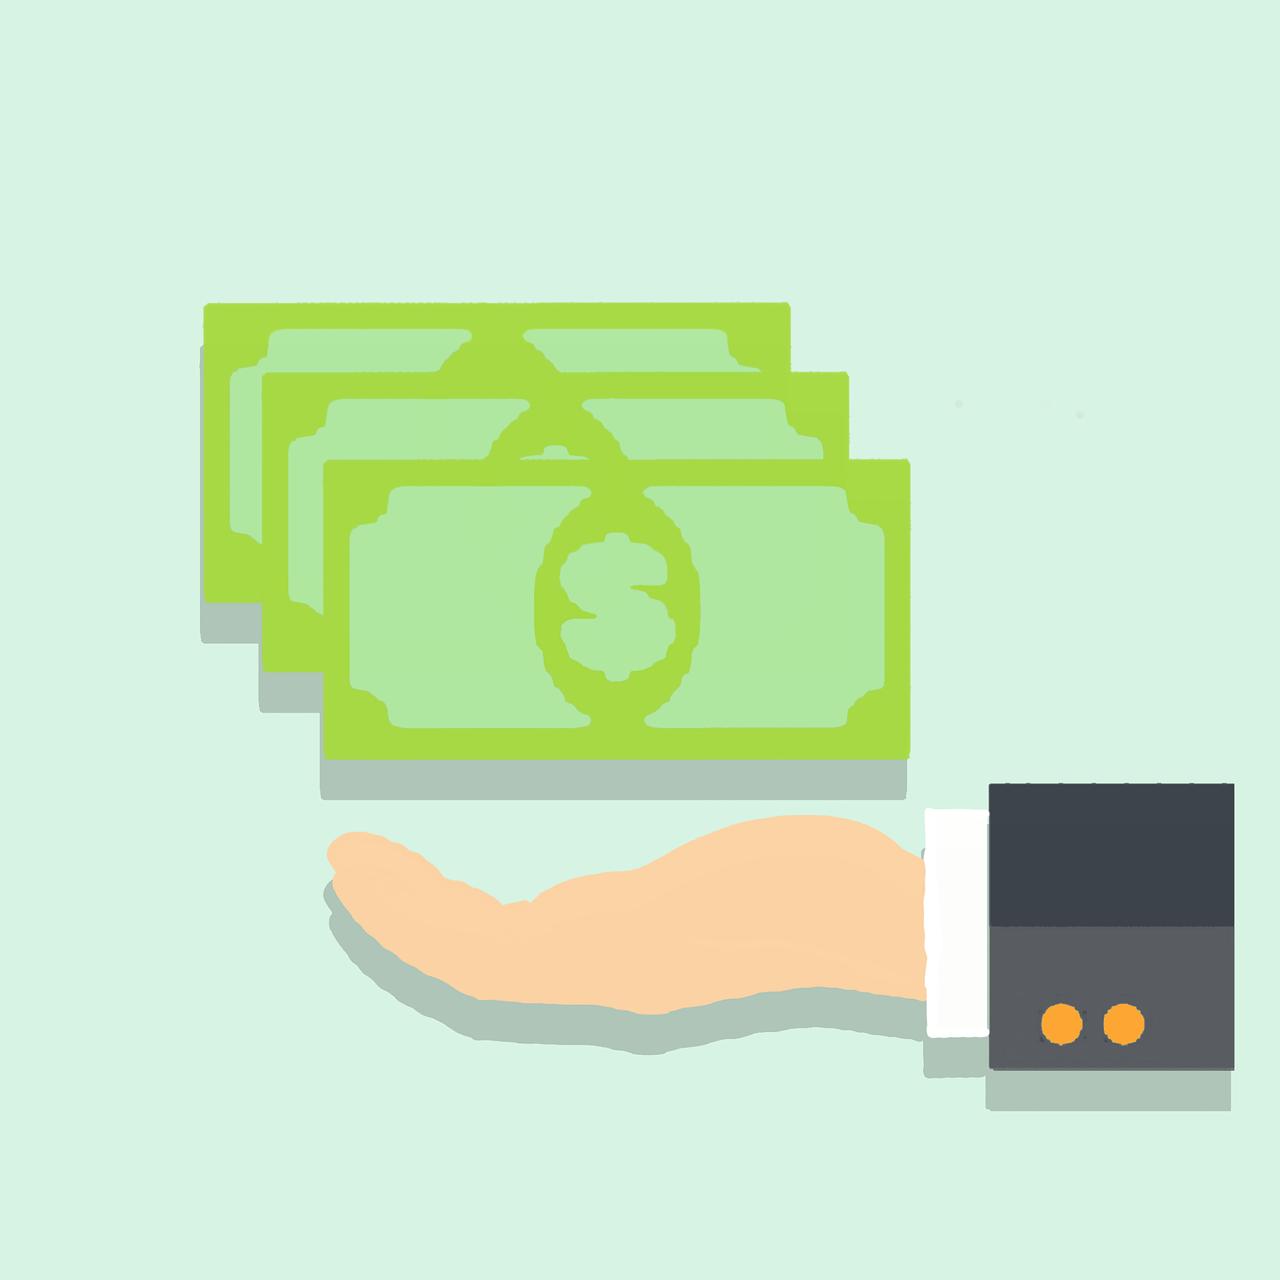 Mở tài khoản ngân hàng cho doanh nghiệp cần làm như thế nào?